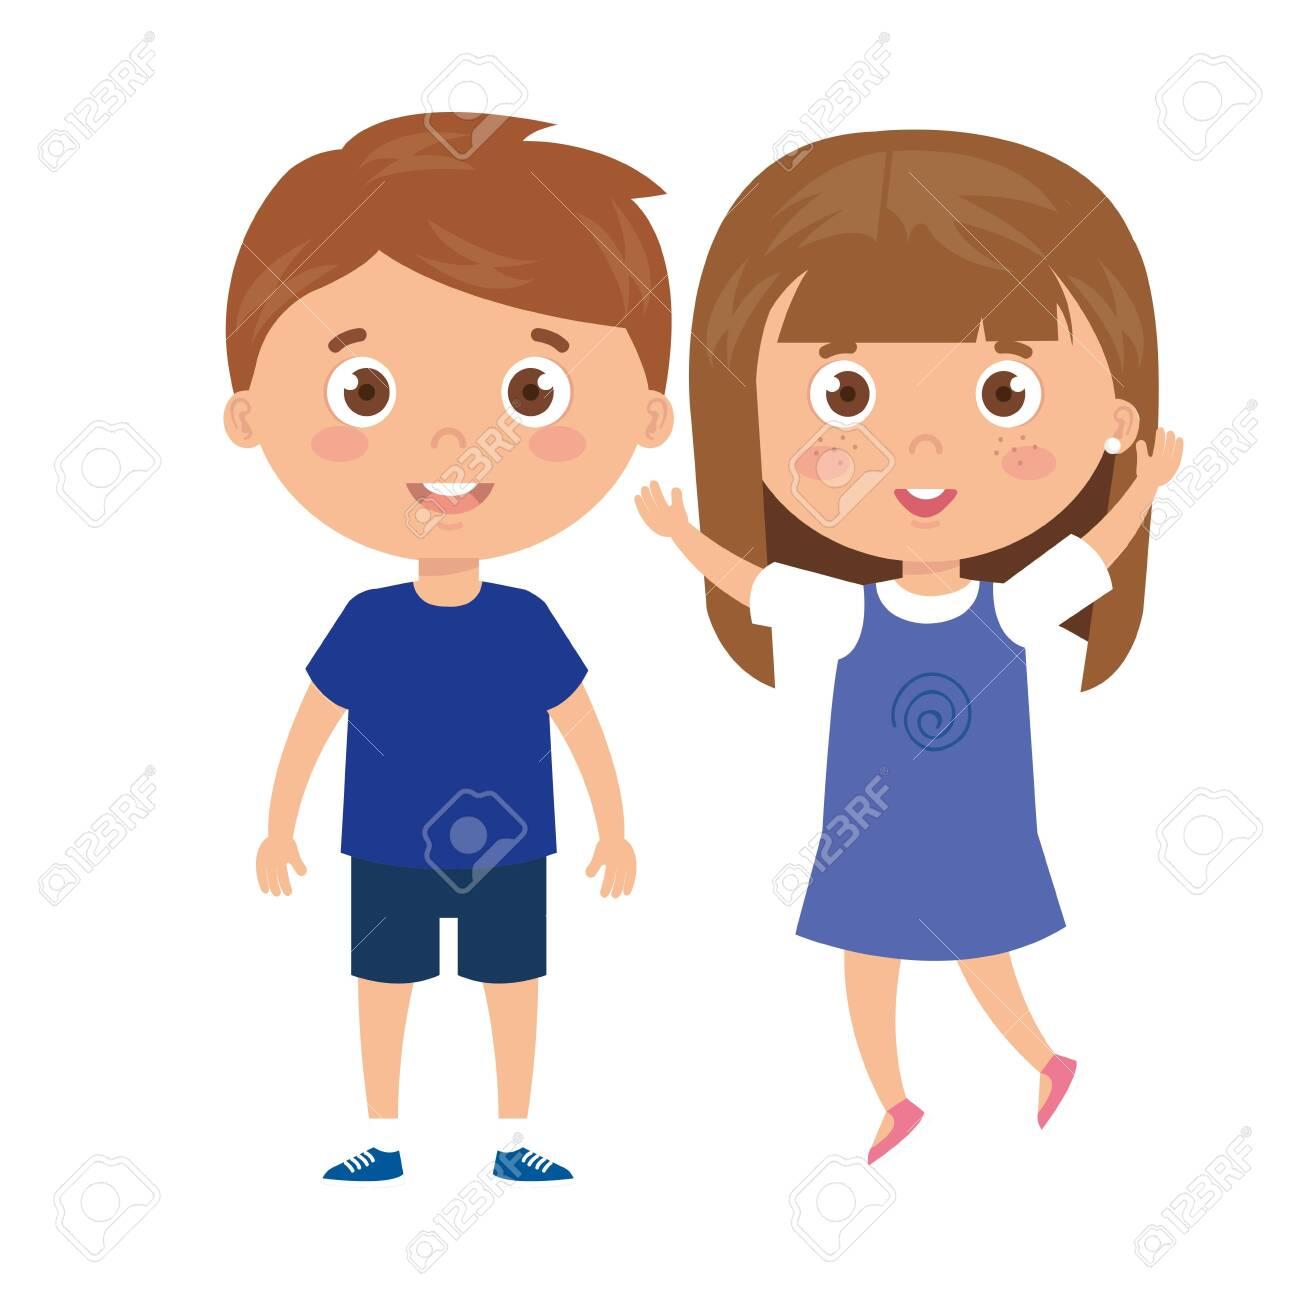 children standing on white background vector illustration design - 139089329